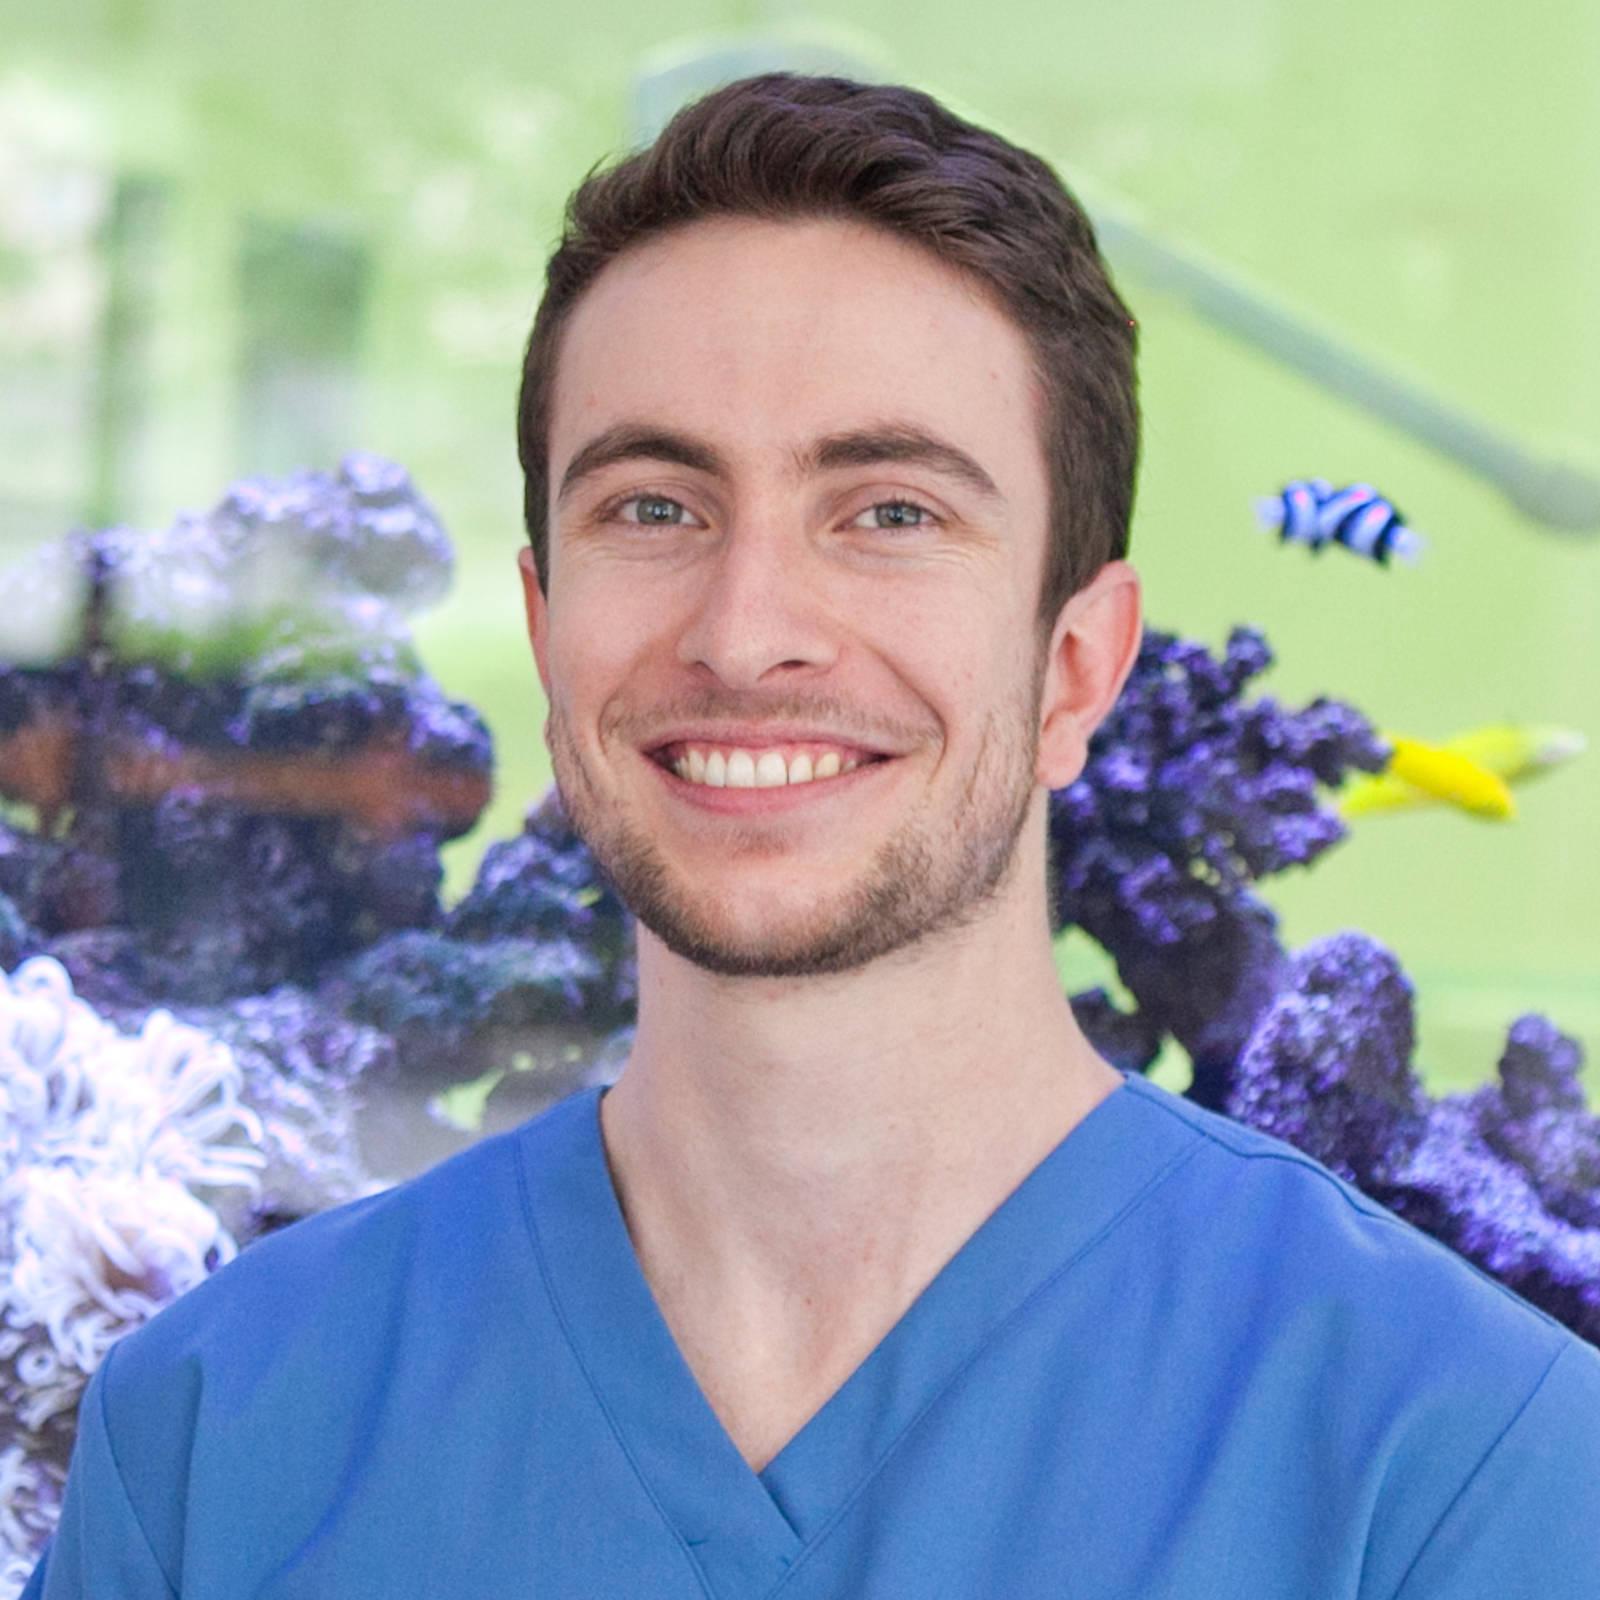 Photo of Dr. Thomas Beddow